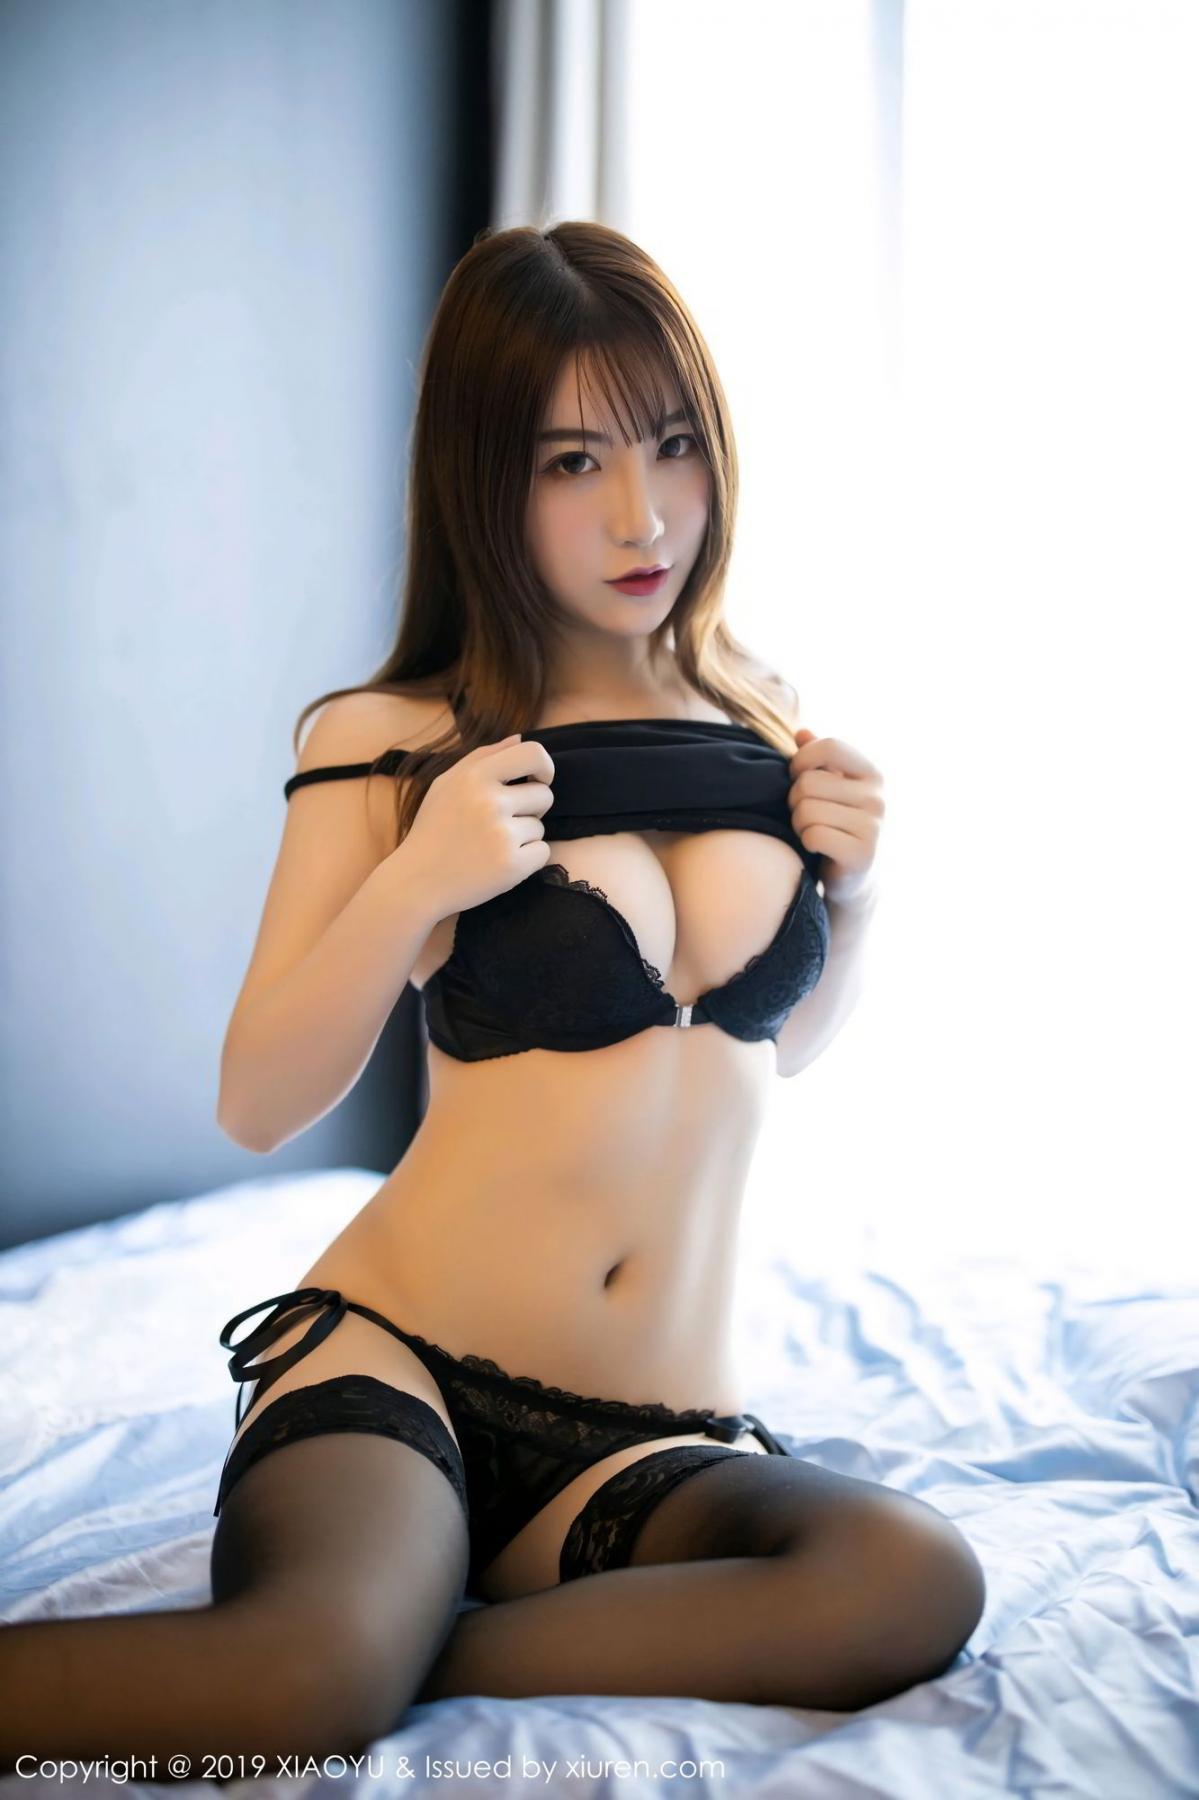 [XiaoYu] Vol.133 Xie Zhi Xin 16P, Black Silk, Tall, XiaoYu, Xie Zhi Xin